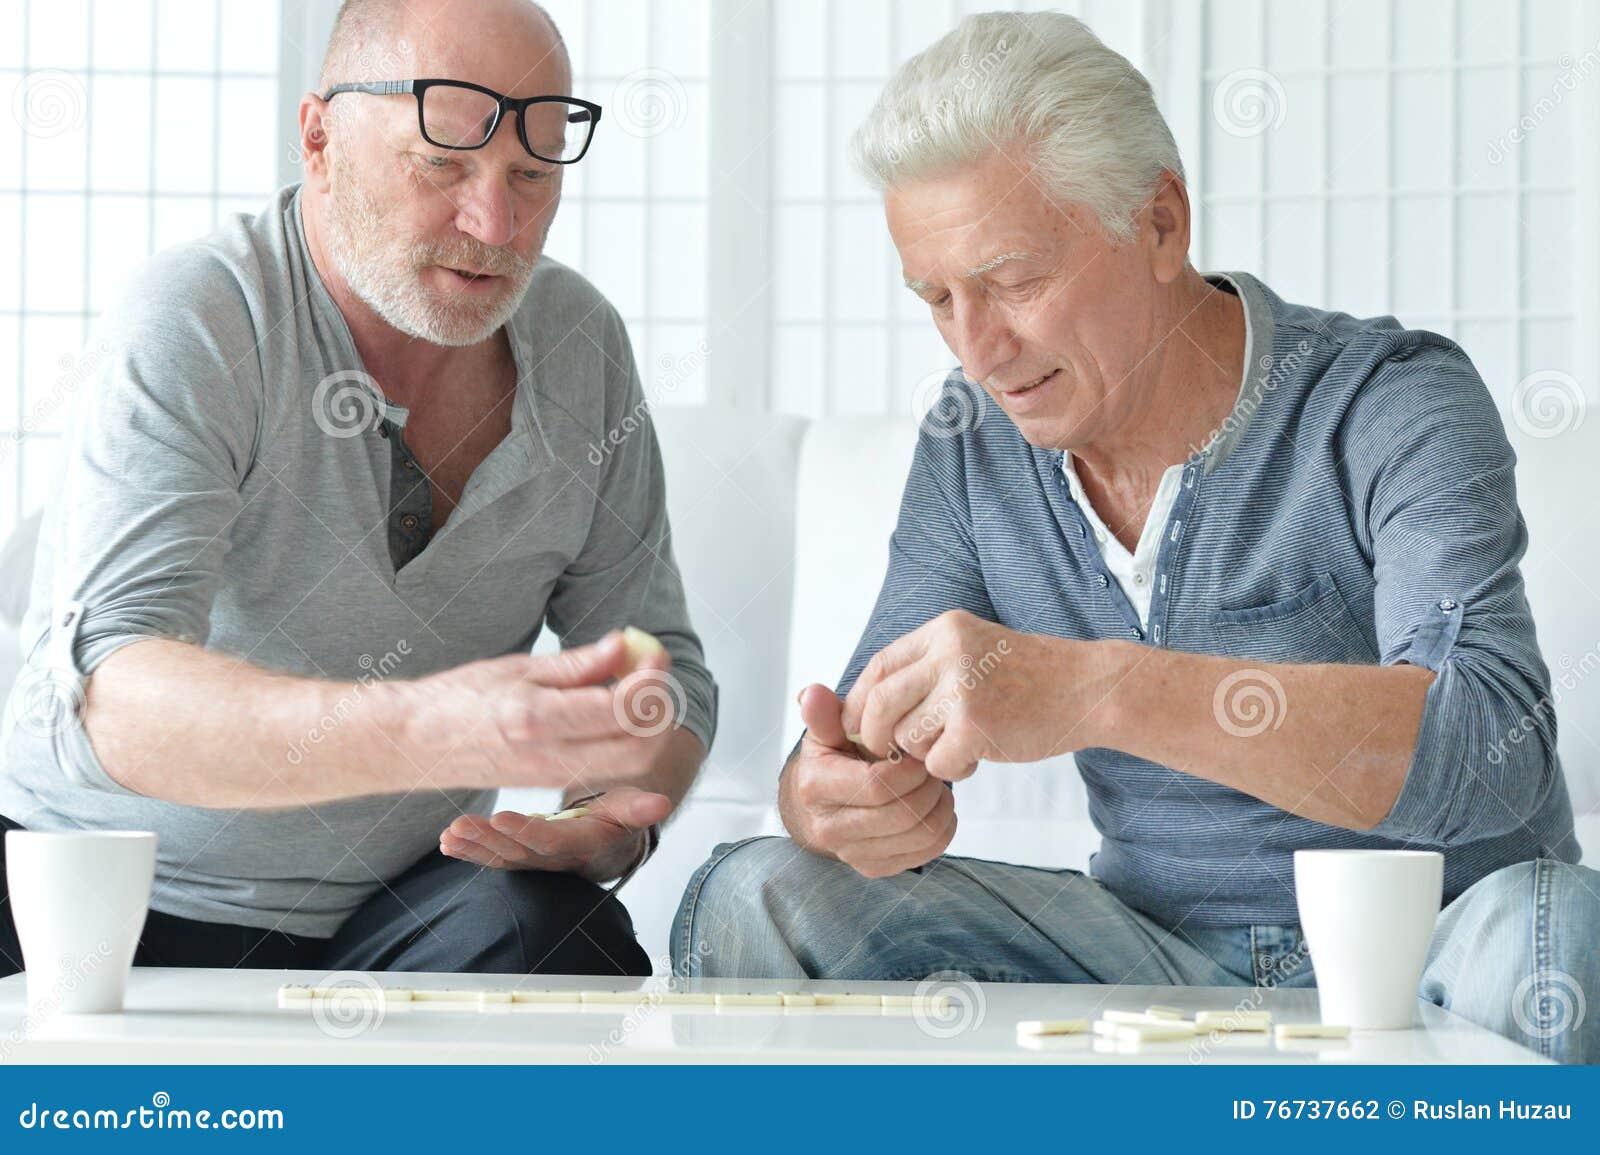 Two senior men playing domino